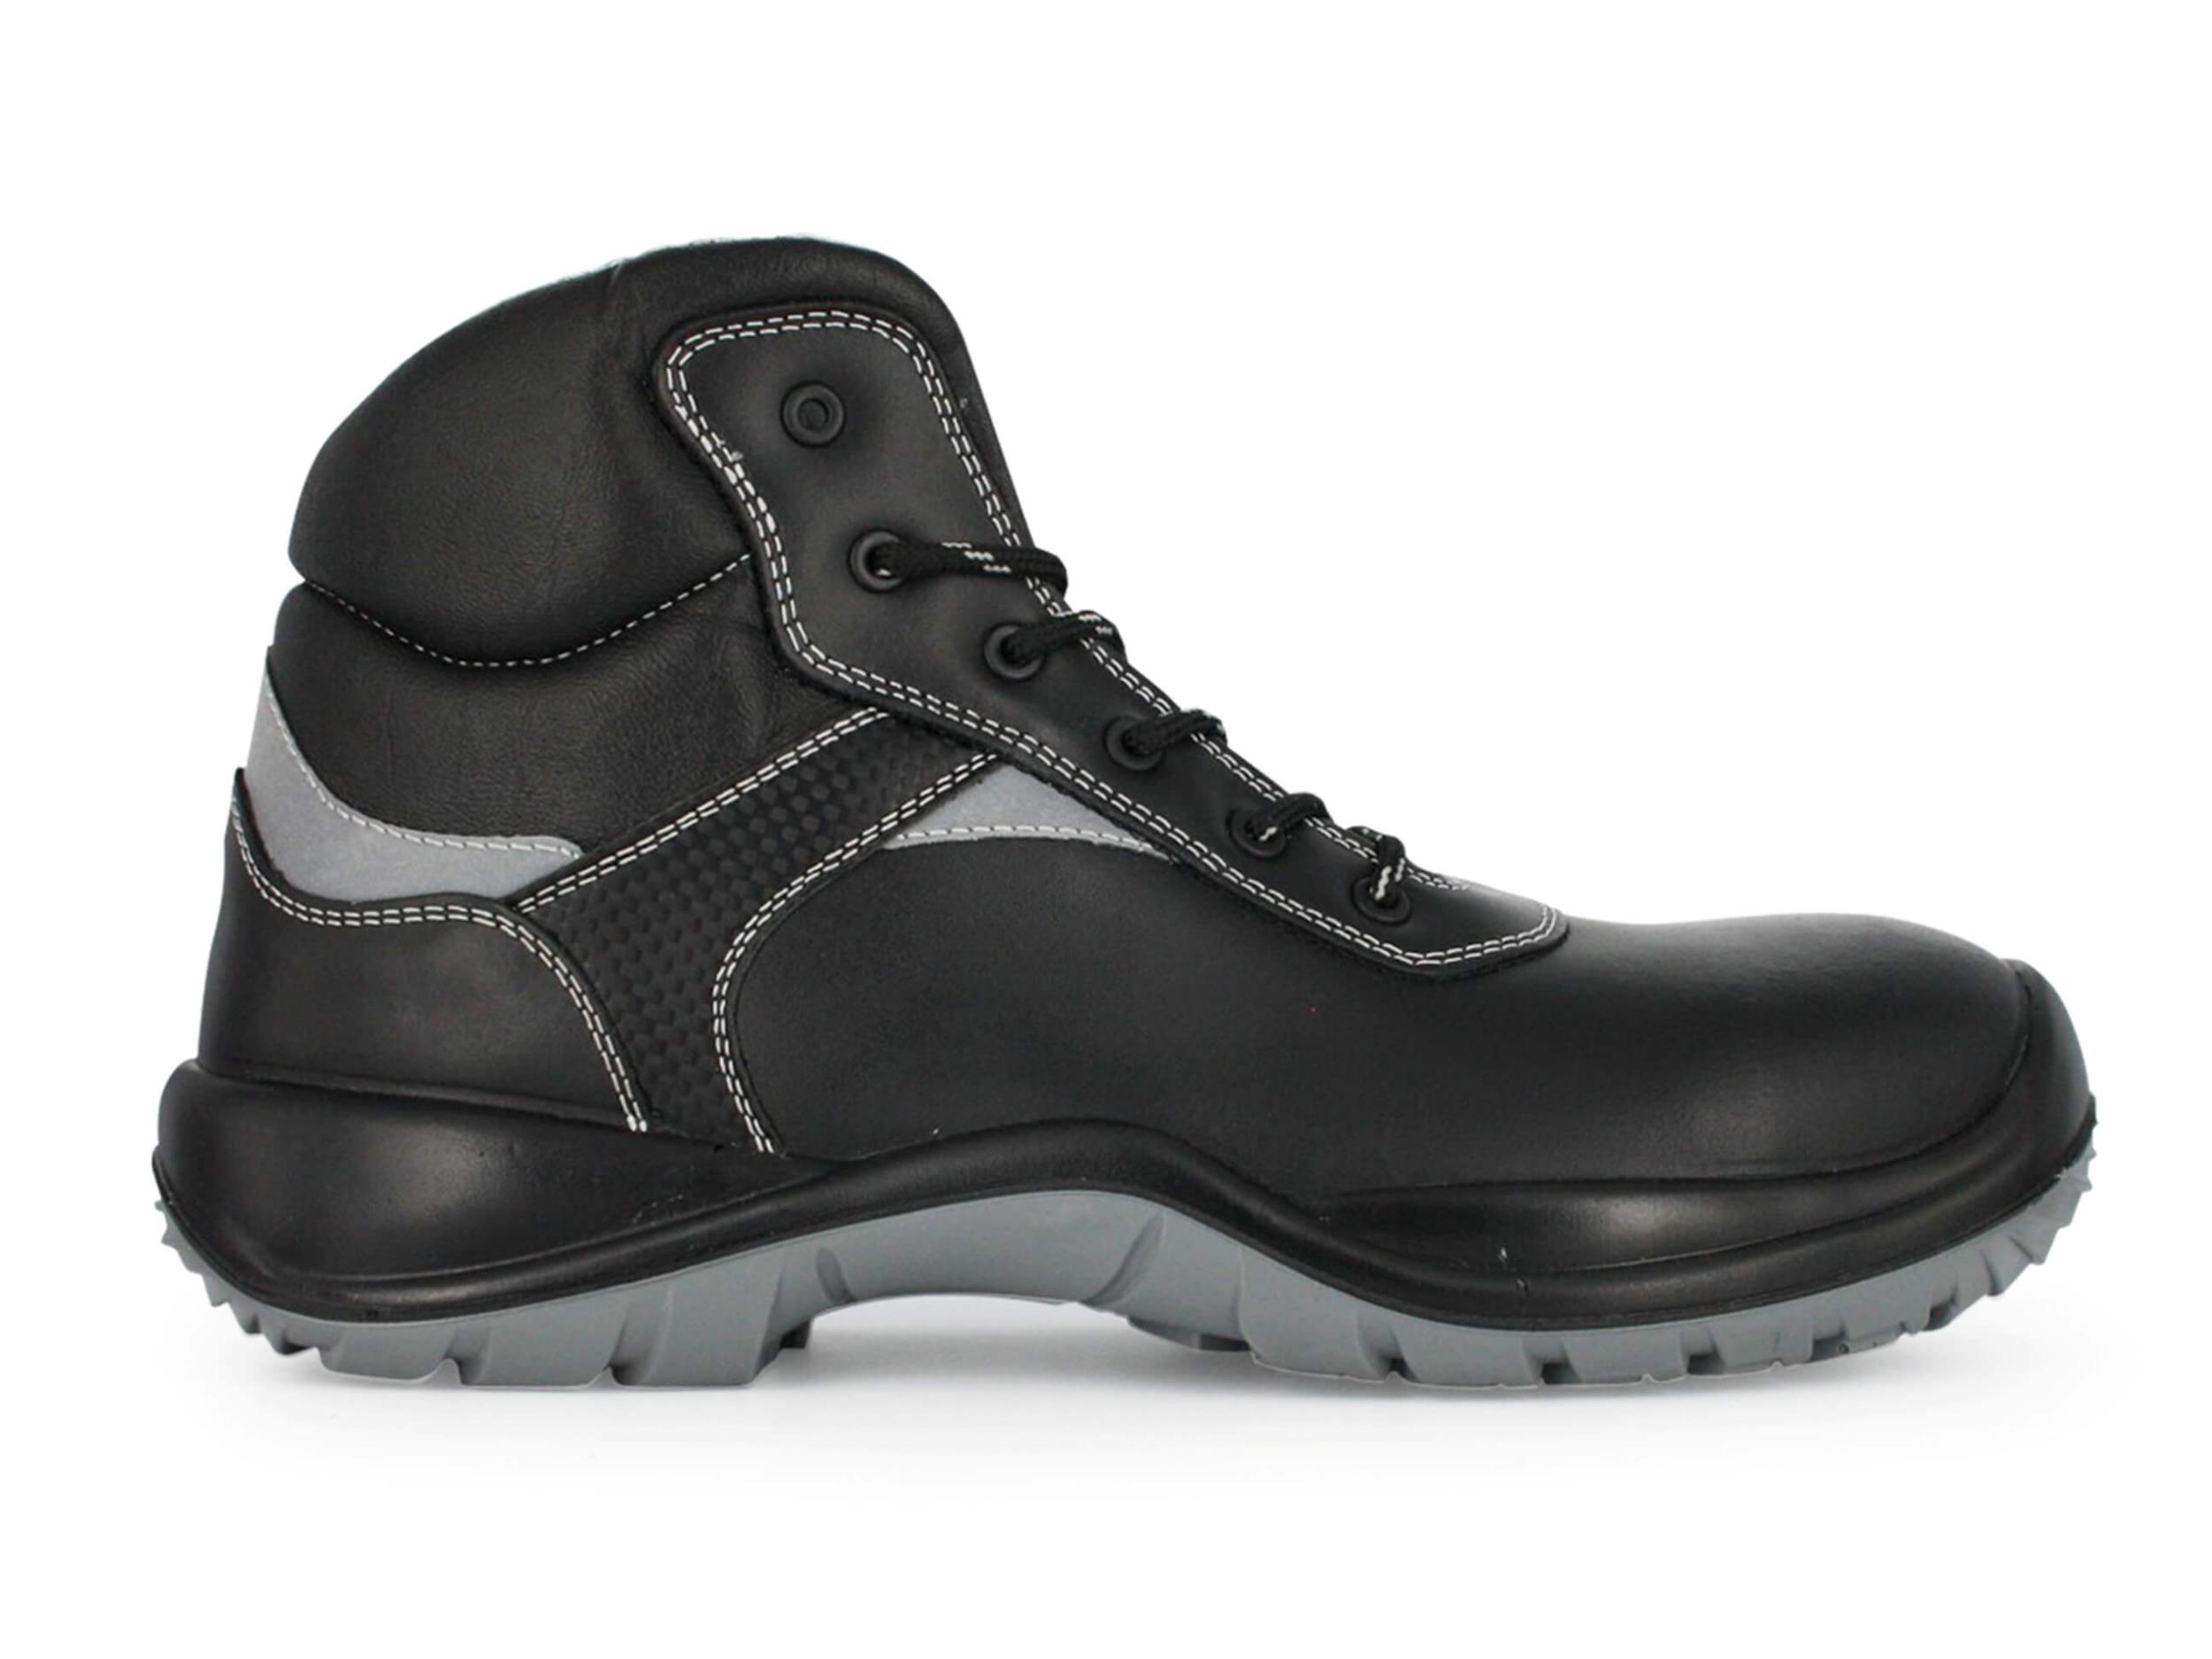 Chaussure de s curit montante sans m tal nordways - Chaussure de securite montante ...